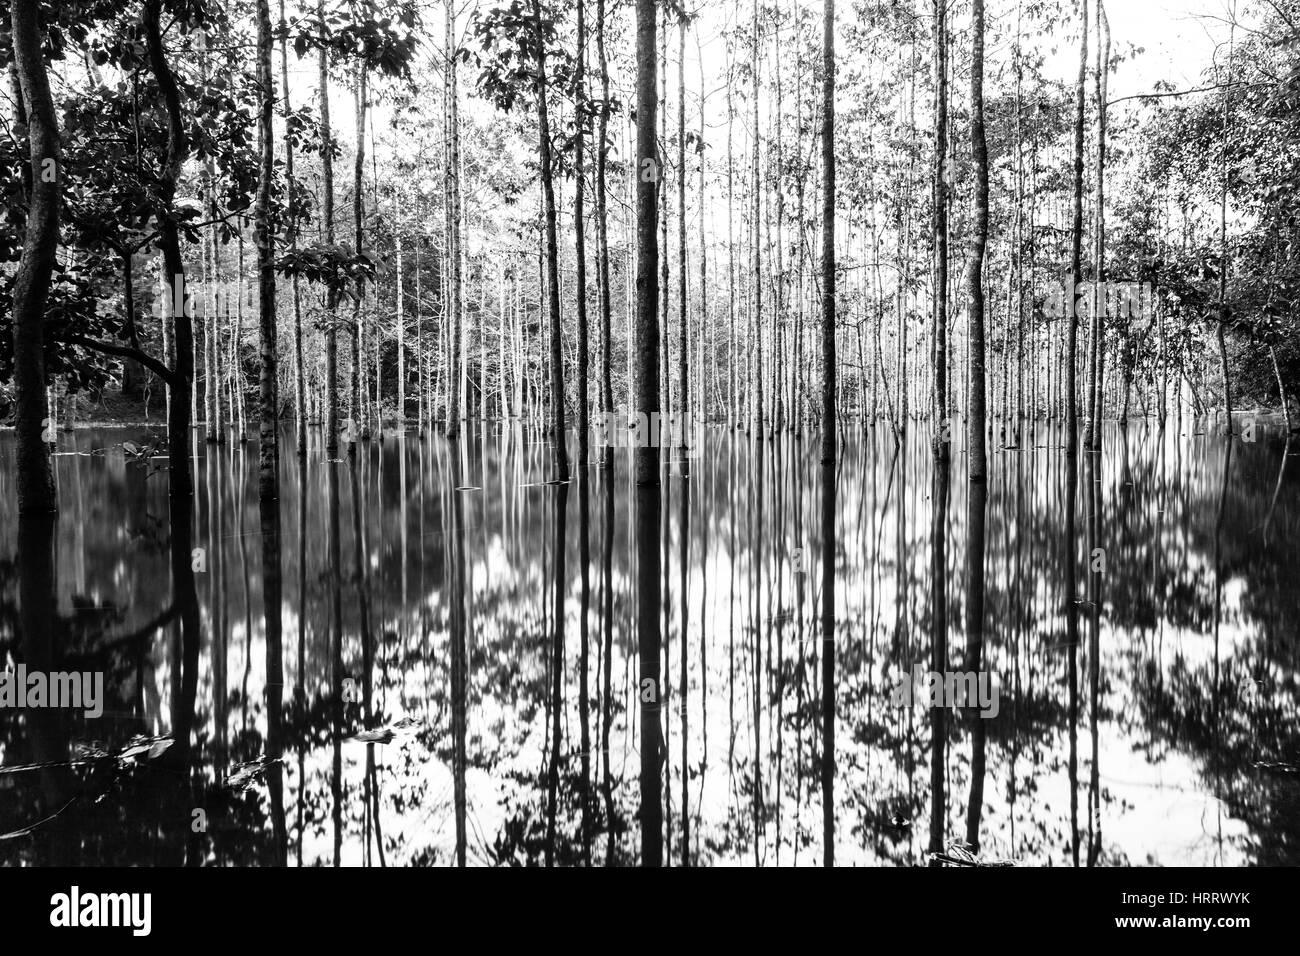 Misterioso tronchi di alberi si riflette sull'acqua nella giungla tropicale di Angkor Wat, Cambogia. Immagini Stock